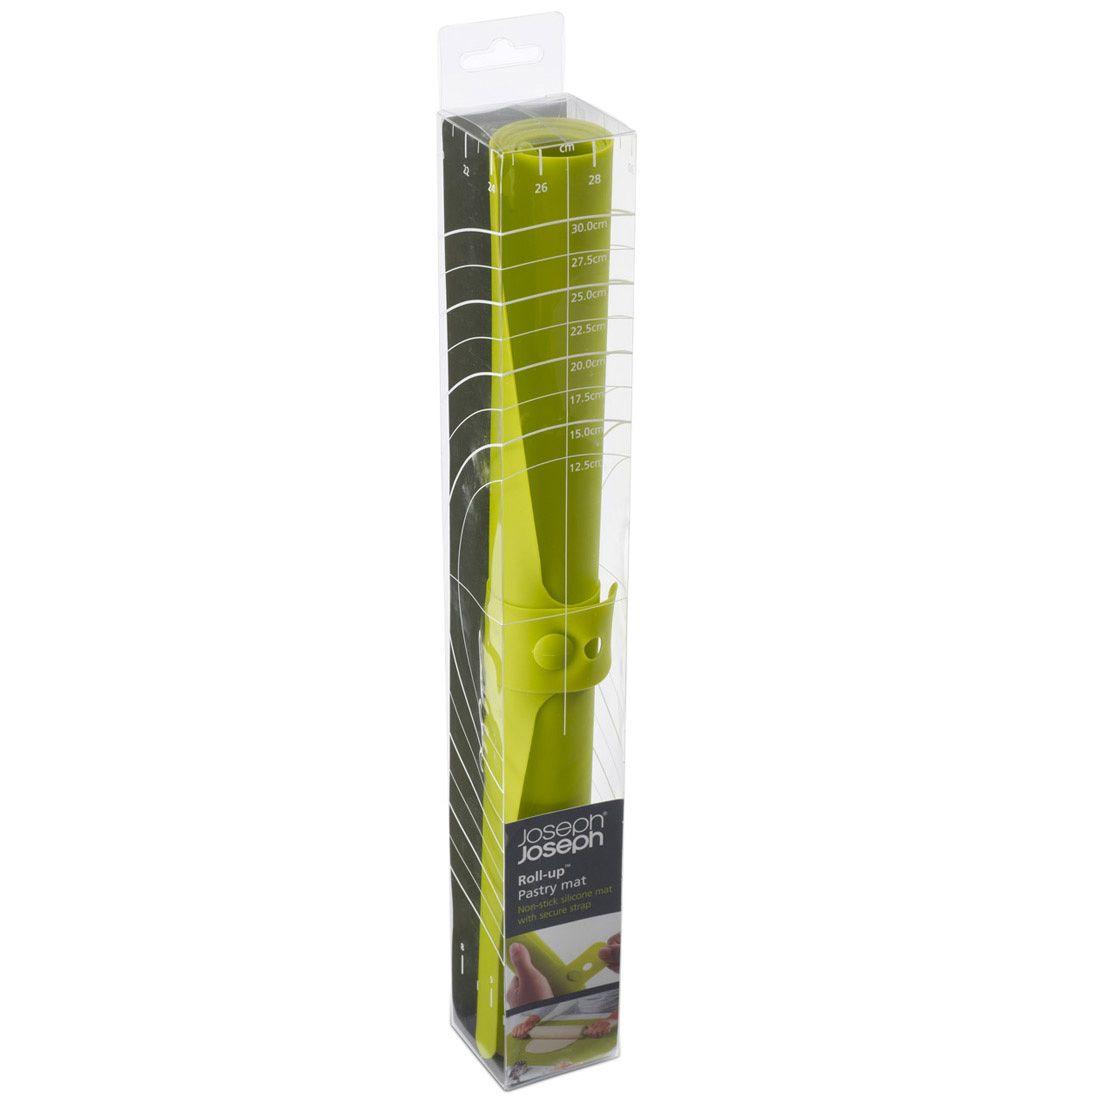 Коврик Joseph Joseph Roll-up гибкий зеленый для раскатки теста